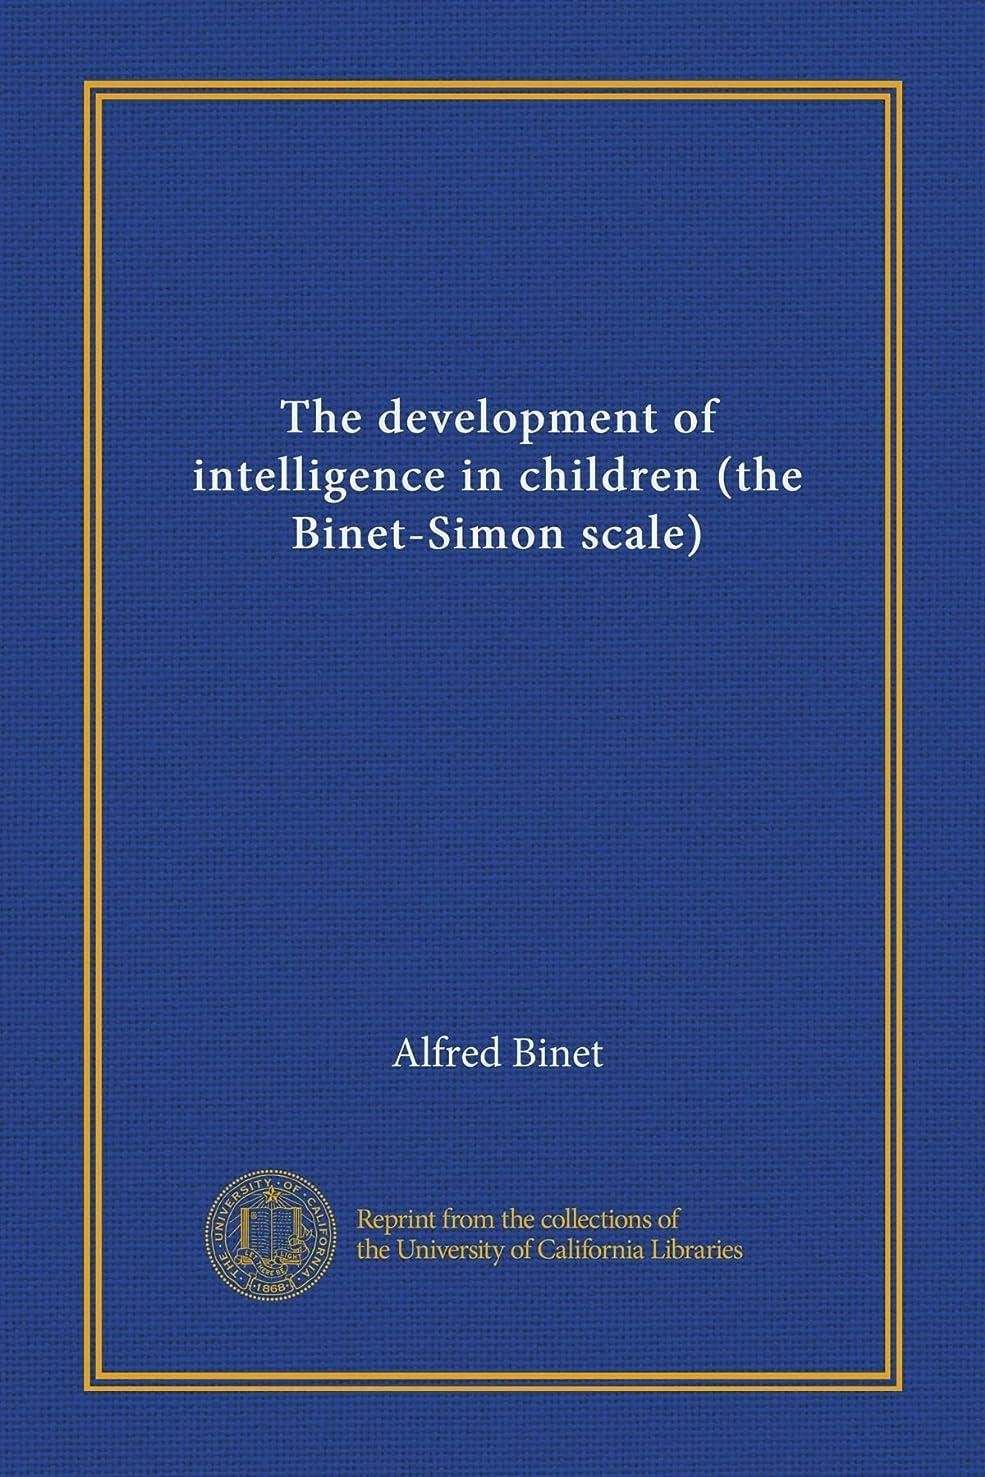 塗抹魔法掃除The development of intelligence in children (the Binet-Simon scale)